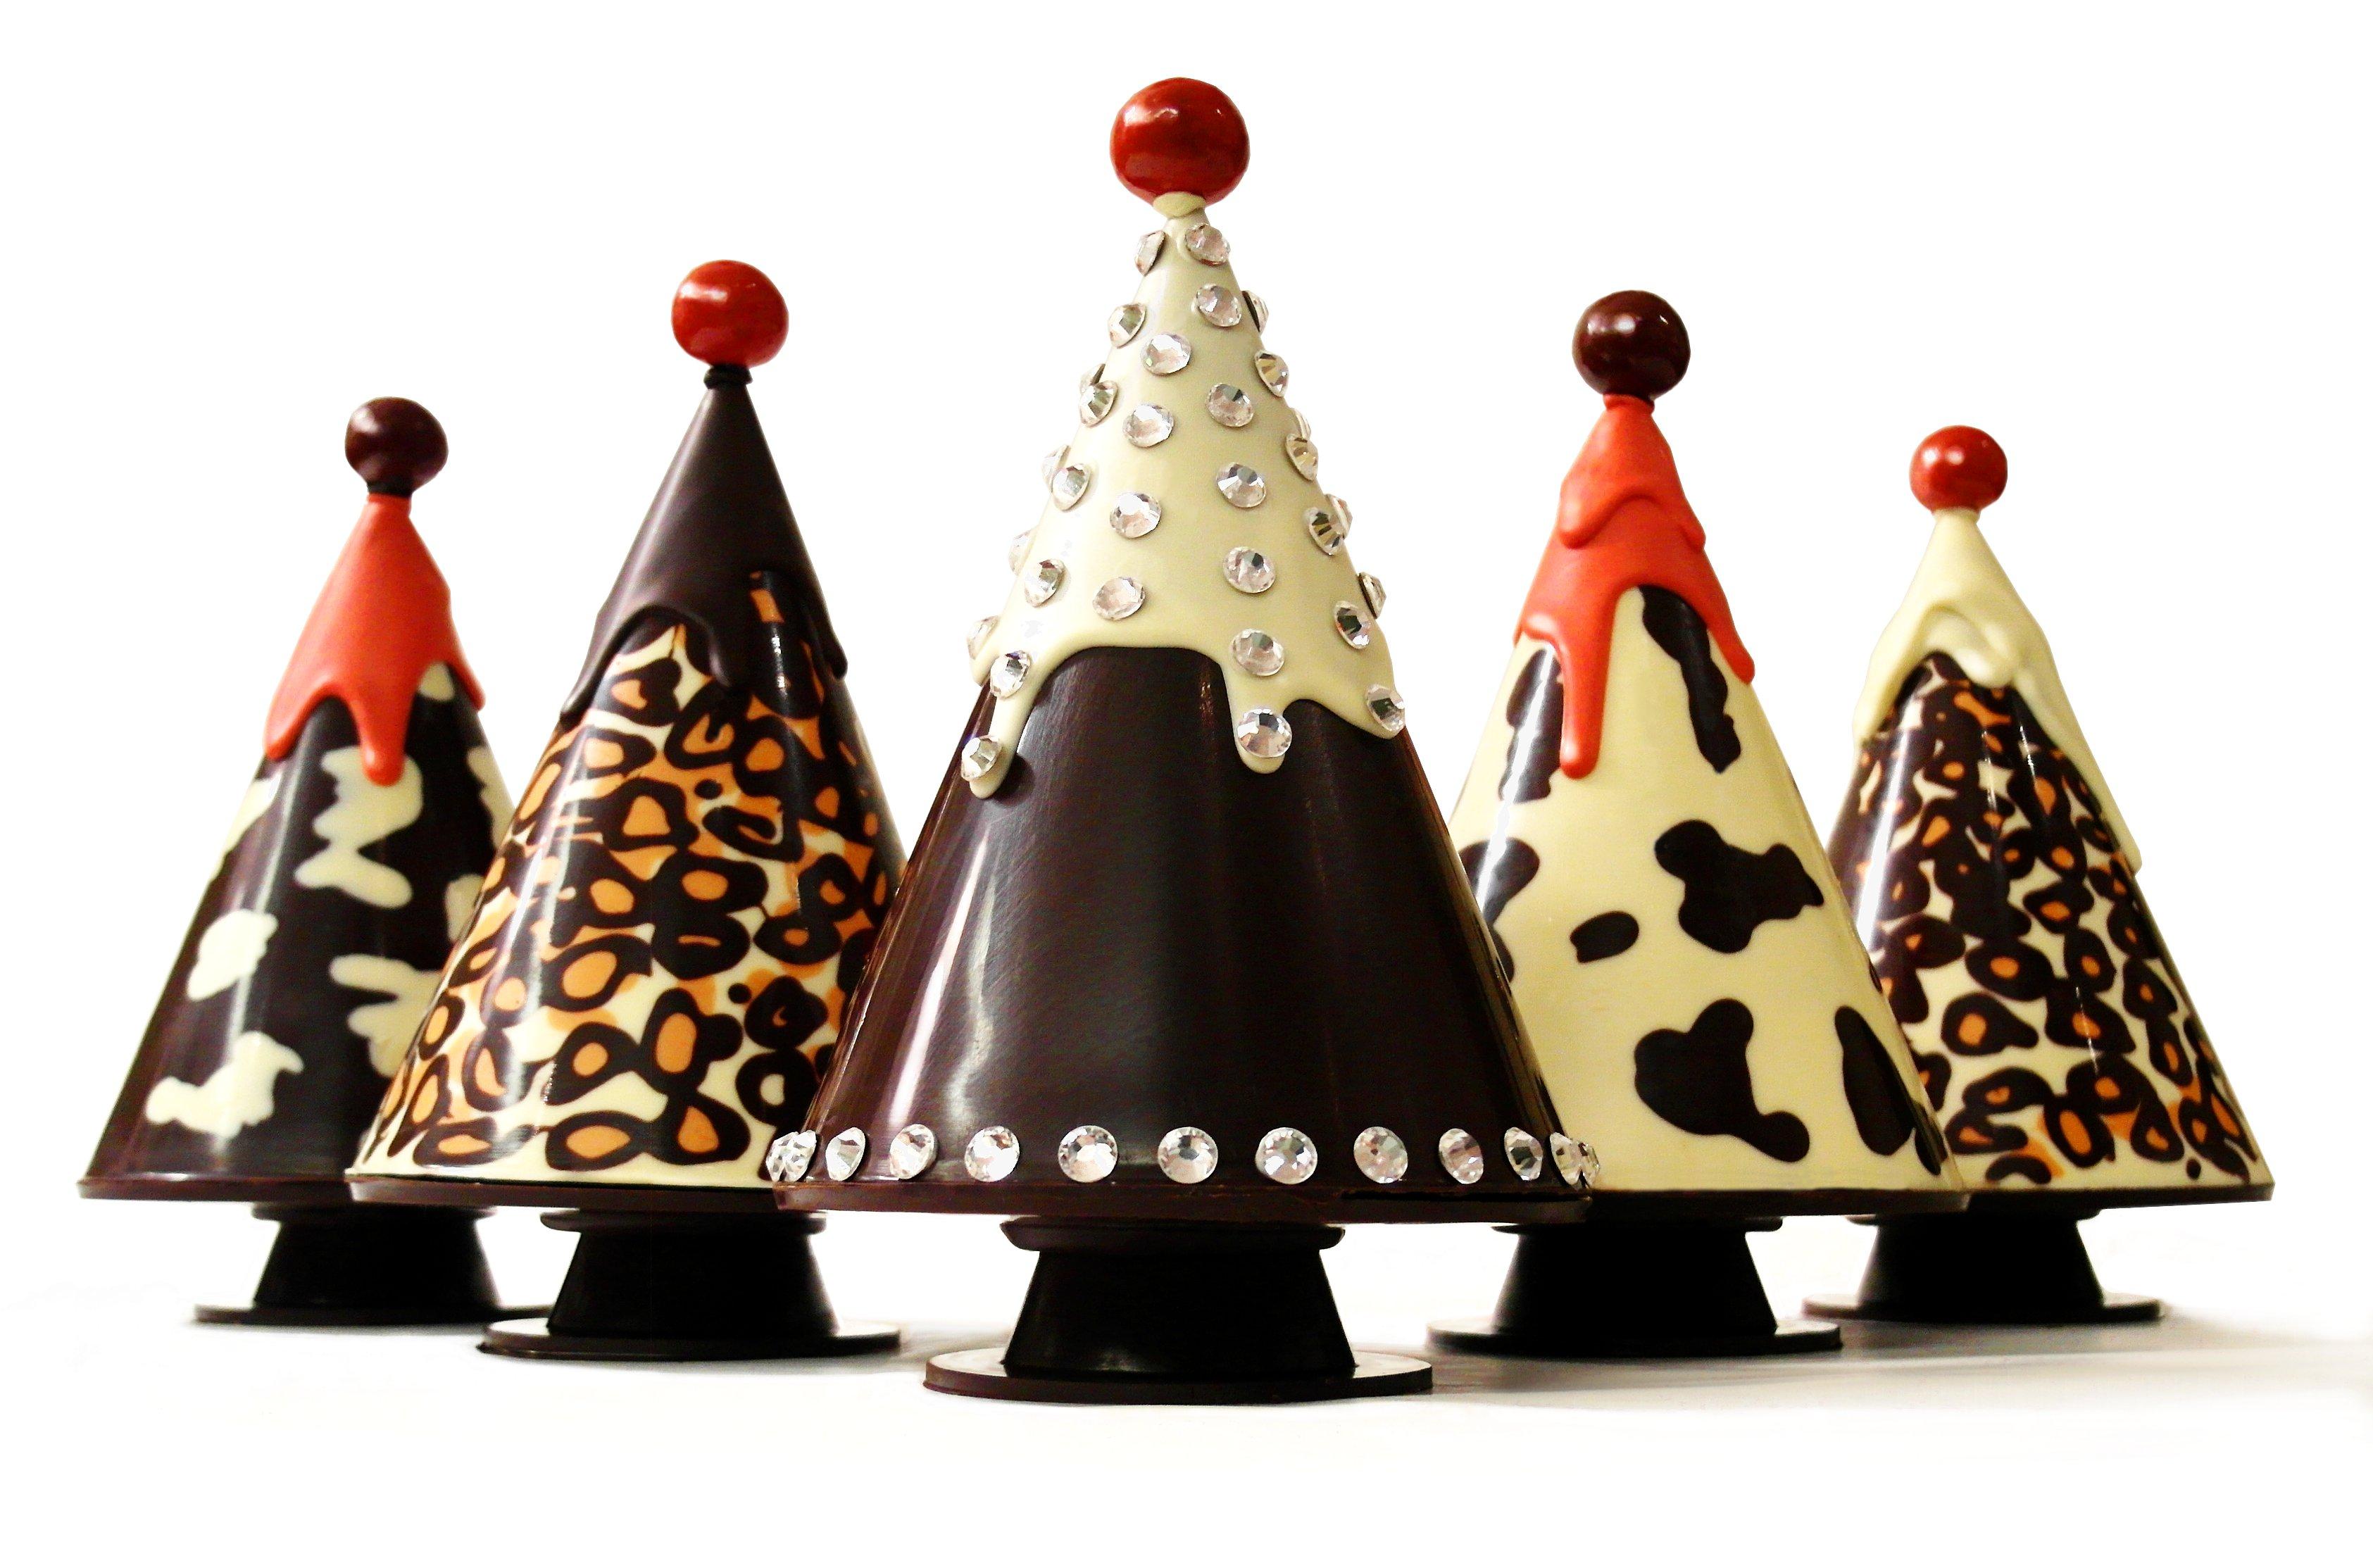 Coso su Soggetti e Idee per un Natale di Cioccolato - La ...